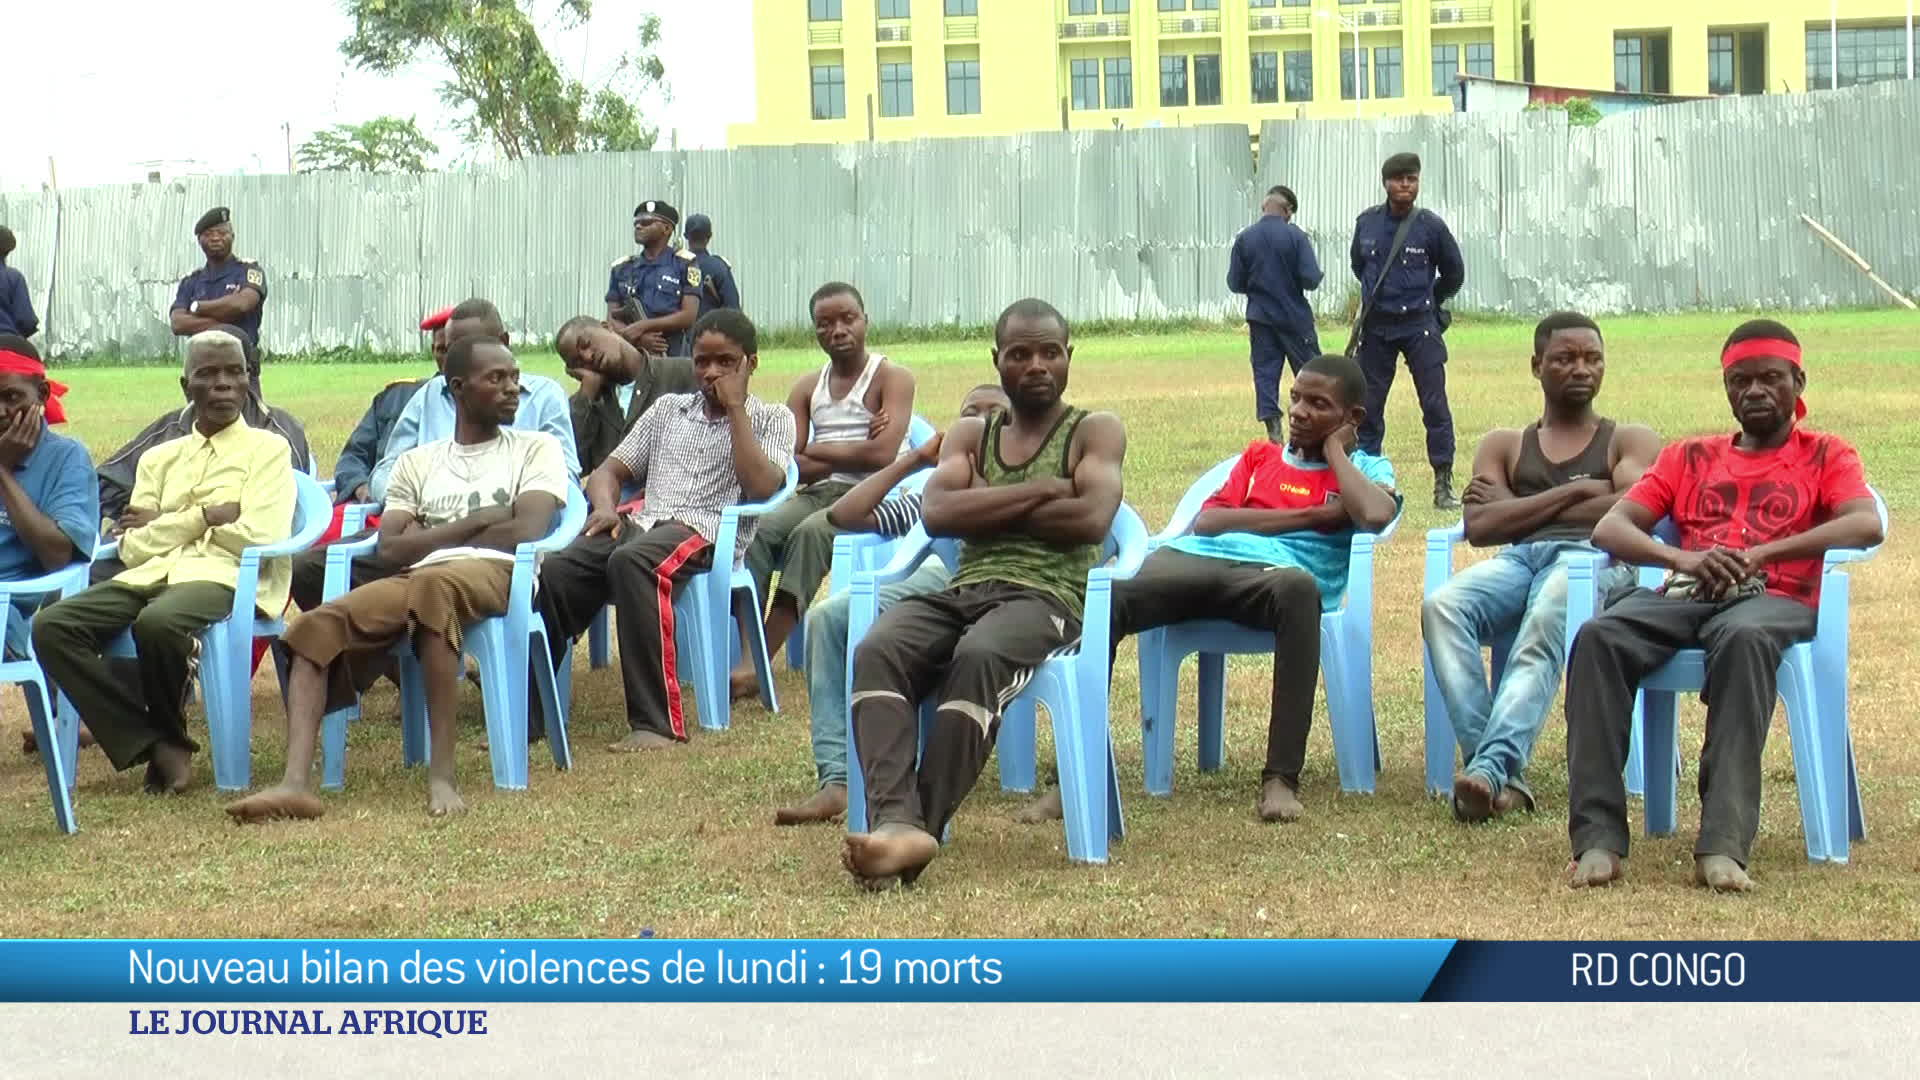 RD Congo : nouveau bilan des violences de lundi, 19 morts